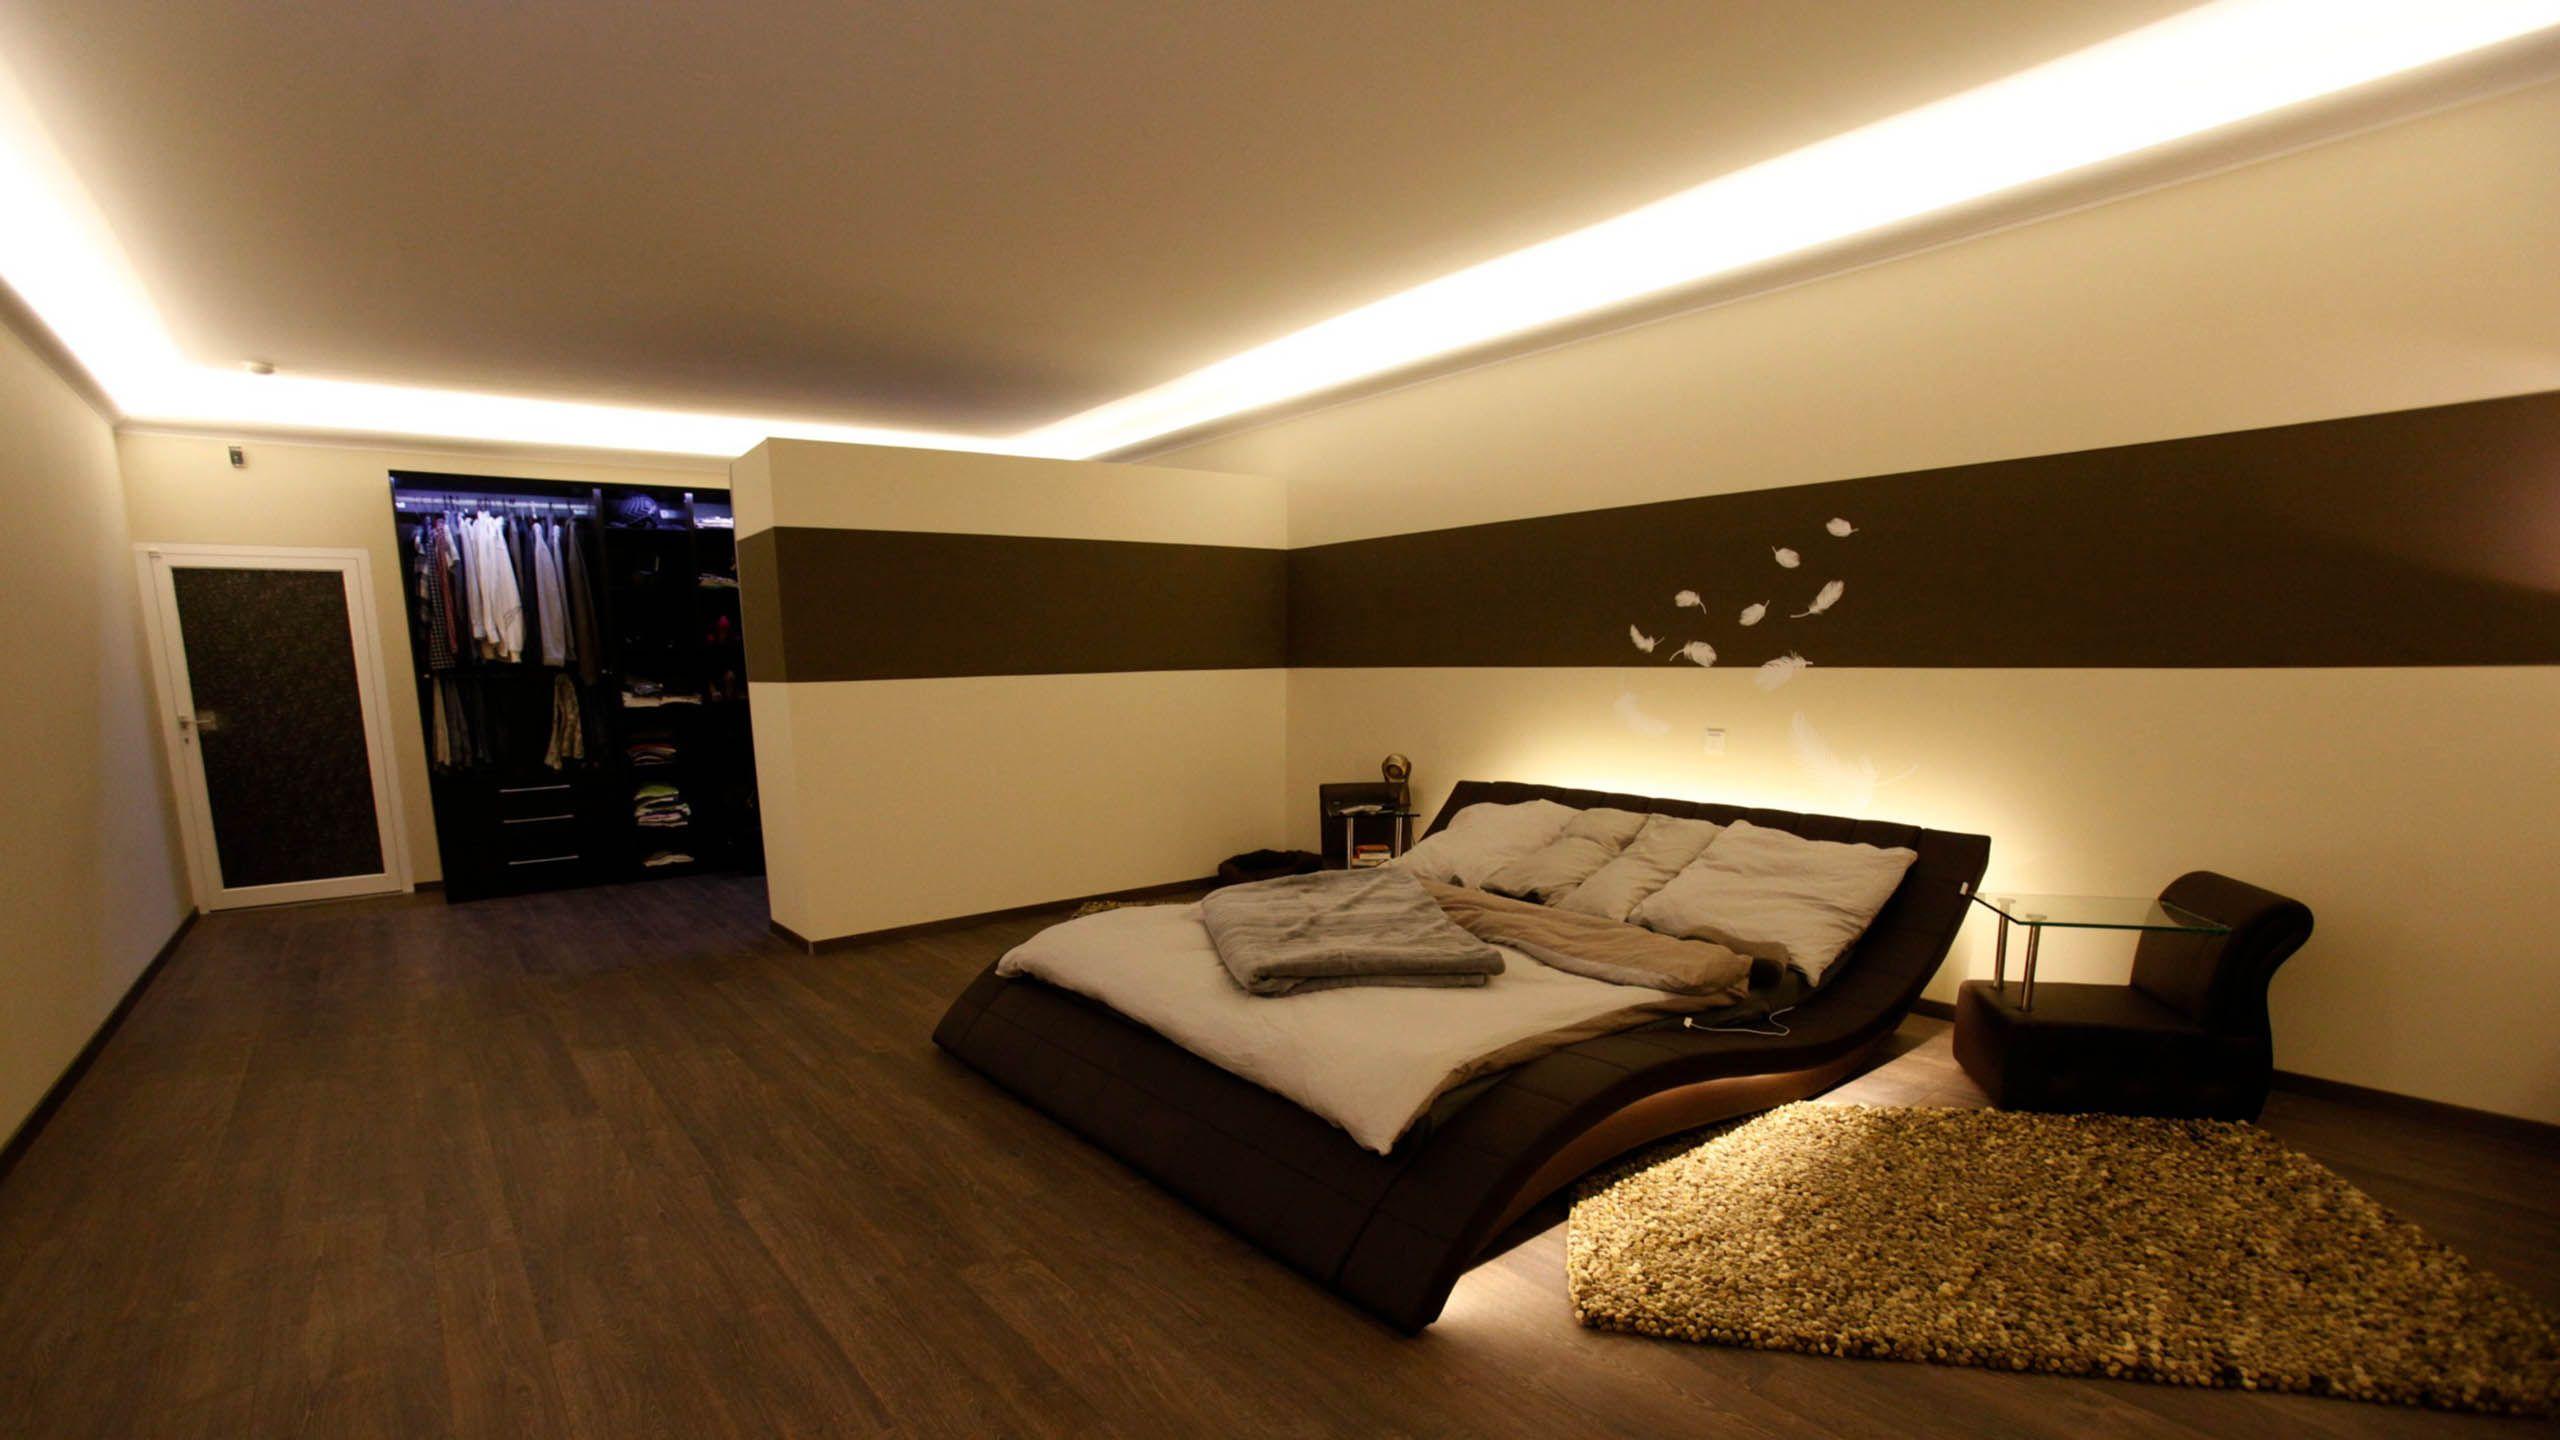 Stilvolle Indirekte Beleuchtung Der Decke Im Schlafzimmer Deckenbeleuchtung Wohnzimmer Innenbeleuchtung Beleuchtung Wohnzimmer Decke